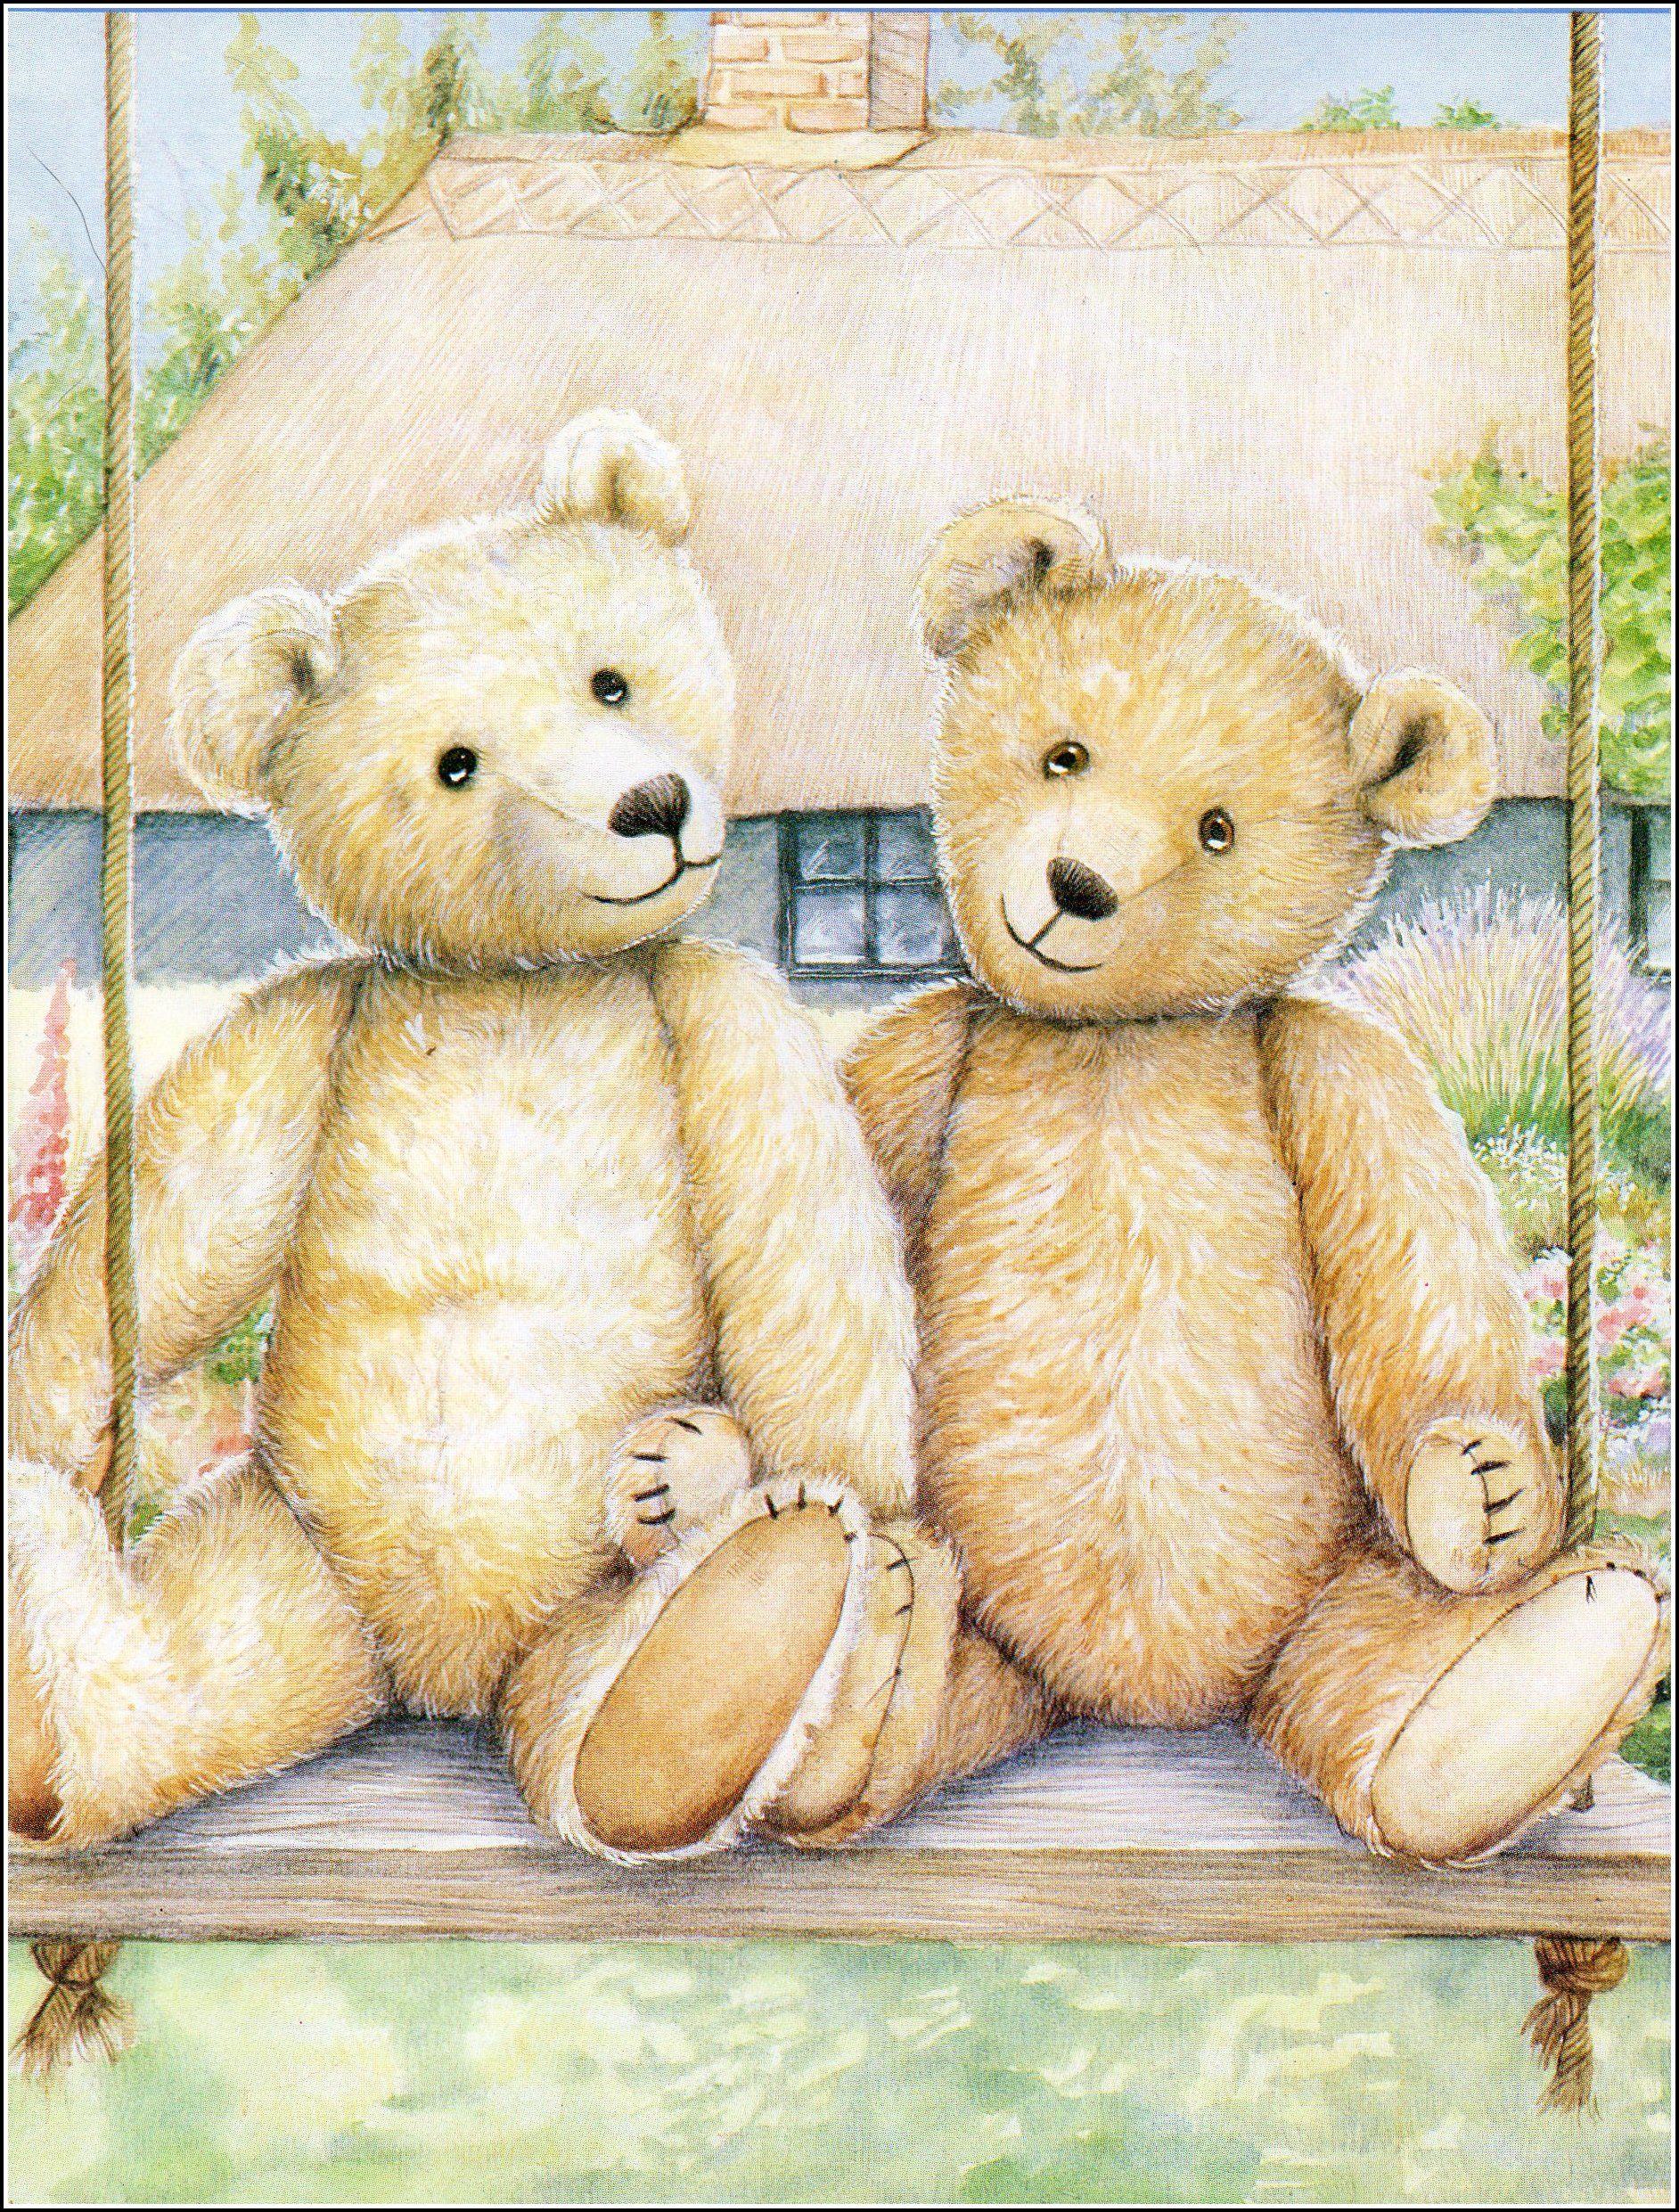 Радикал-Фото: Картинка - | Картины с медведями, Плюшевые ...